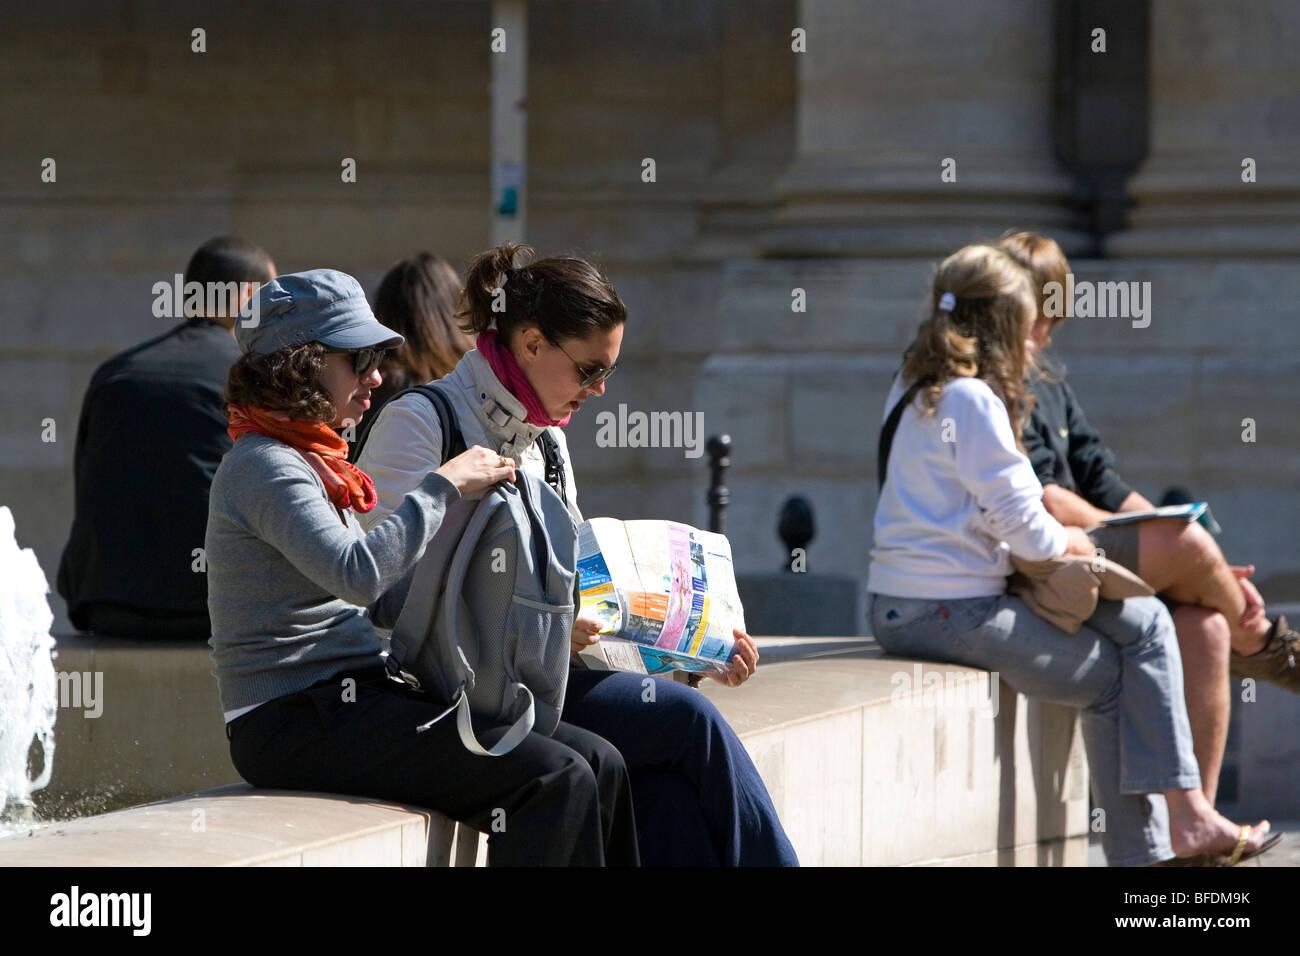 Les élèves étudient près de la Sorbonne à Paris, France. Photo Stock